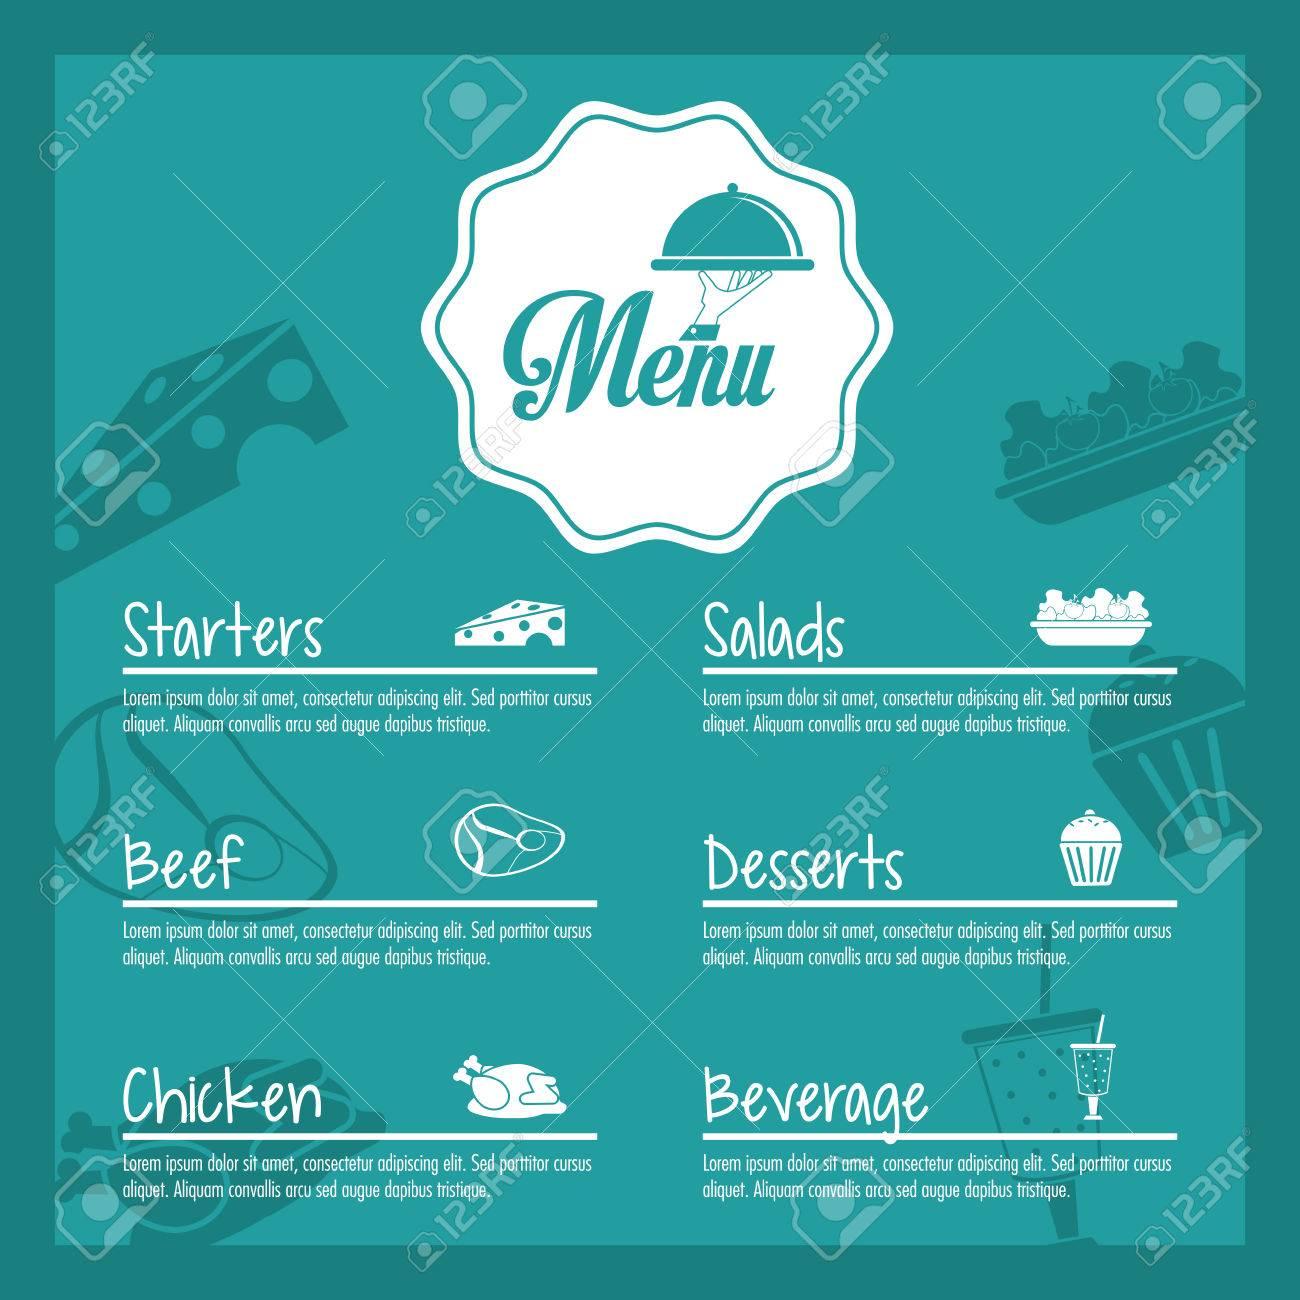 Platte Vorspeisen Salate Rindfleisch Huhn Dessert Getränke Menü ...